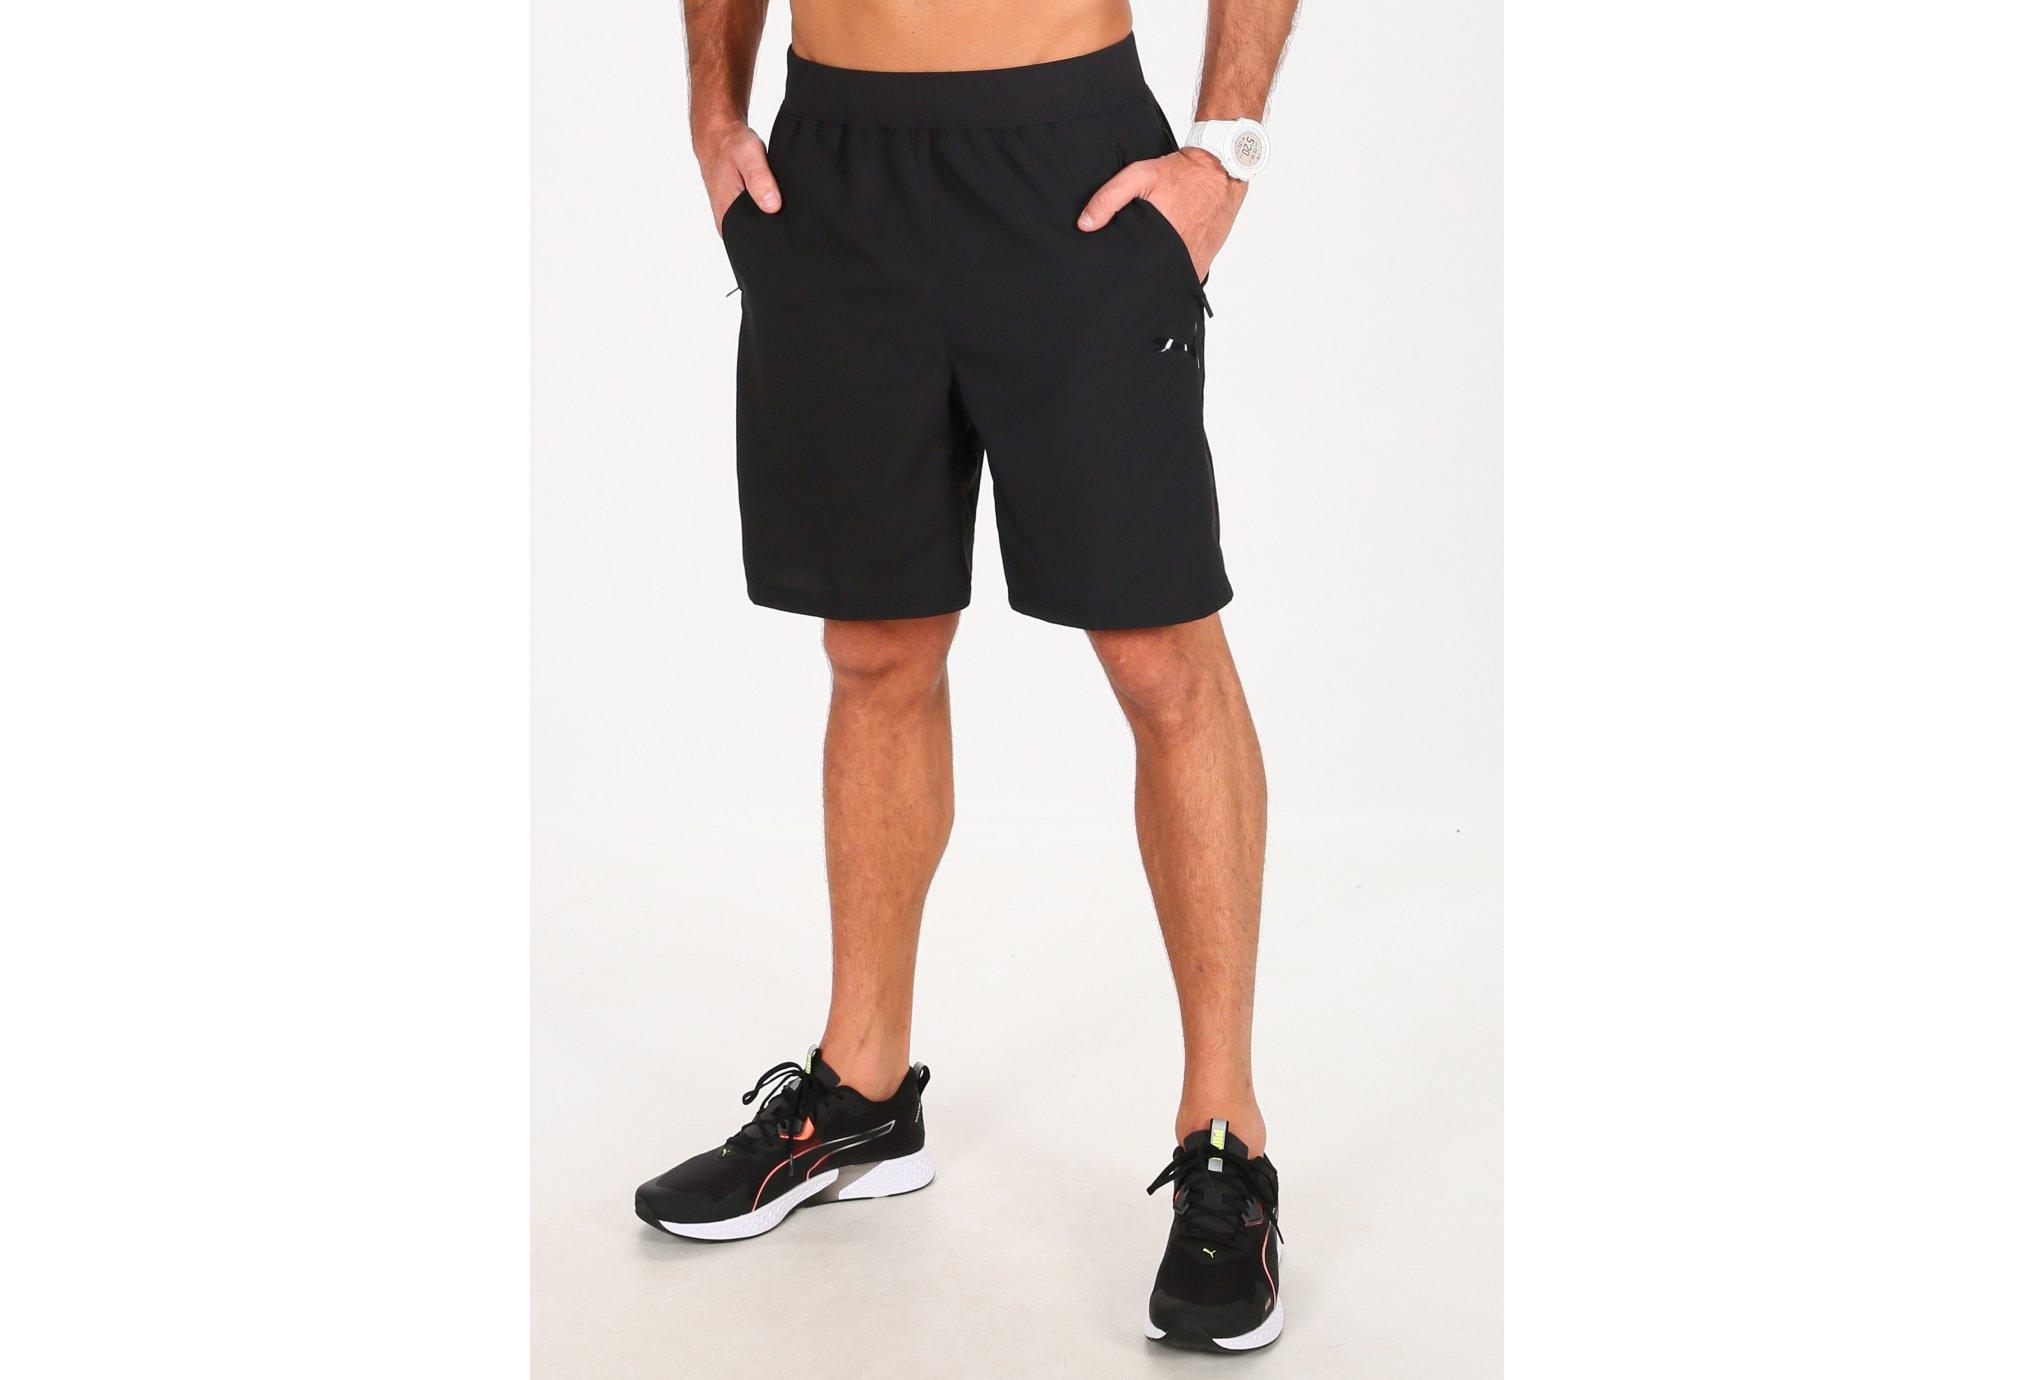 Puma Power Thermo R+ M Diététique Vêtements homme